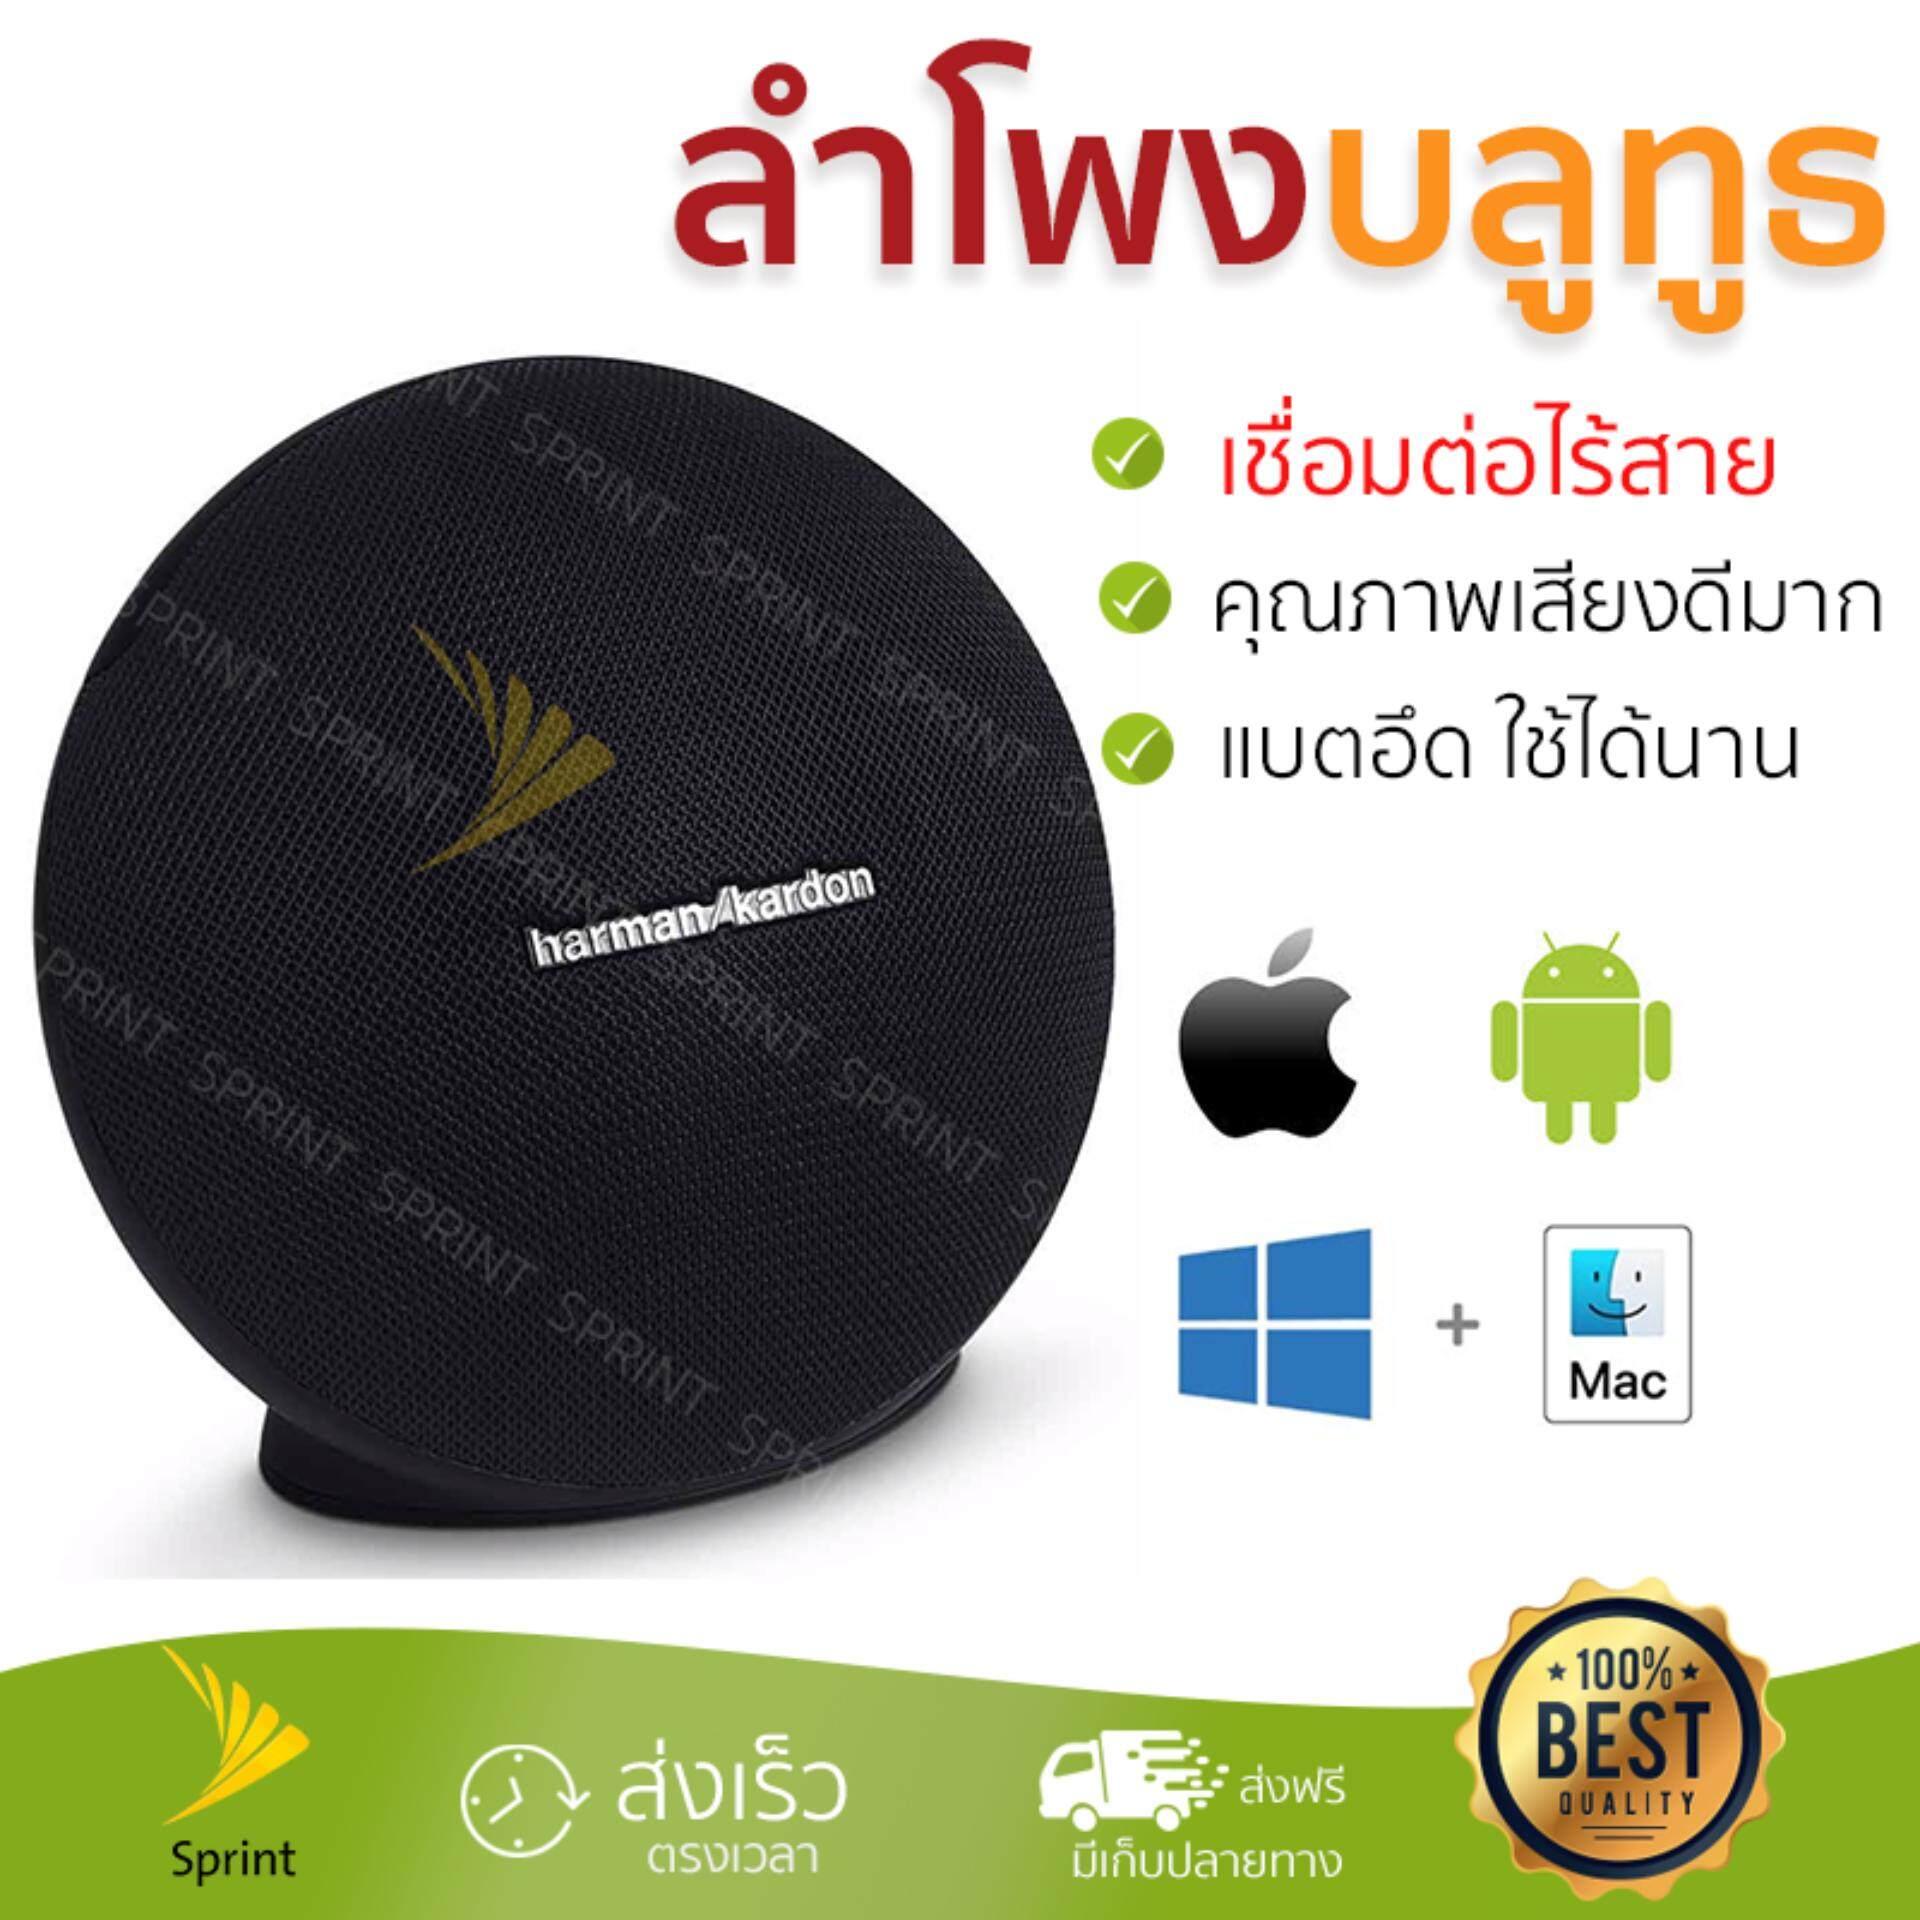 ตรัง จัดส่งฟรี ลำโพงบลูทูธ  Harman Kardon Bluetooth Speaker 2.1 Onyx Mini Black เสียงใส คุณภาพเกินตัว Wireless Bluetooth Speaker รับประกัน 1 ปี